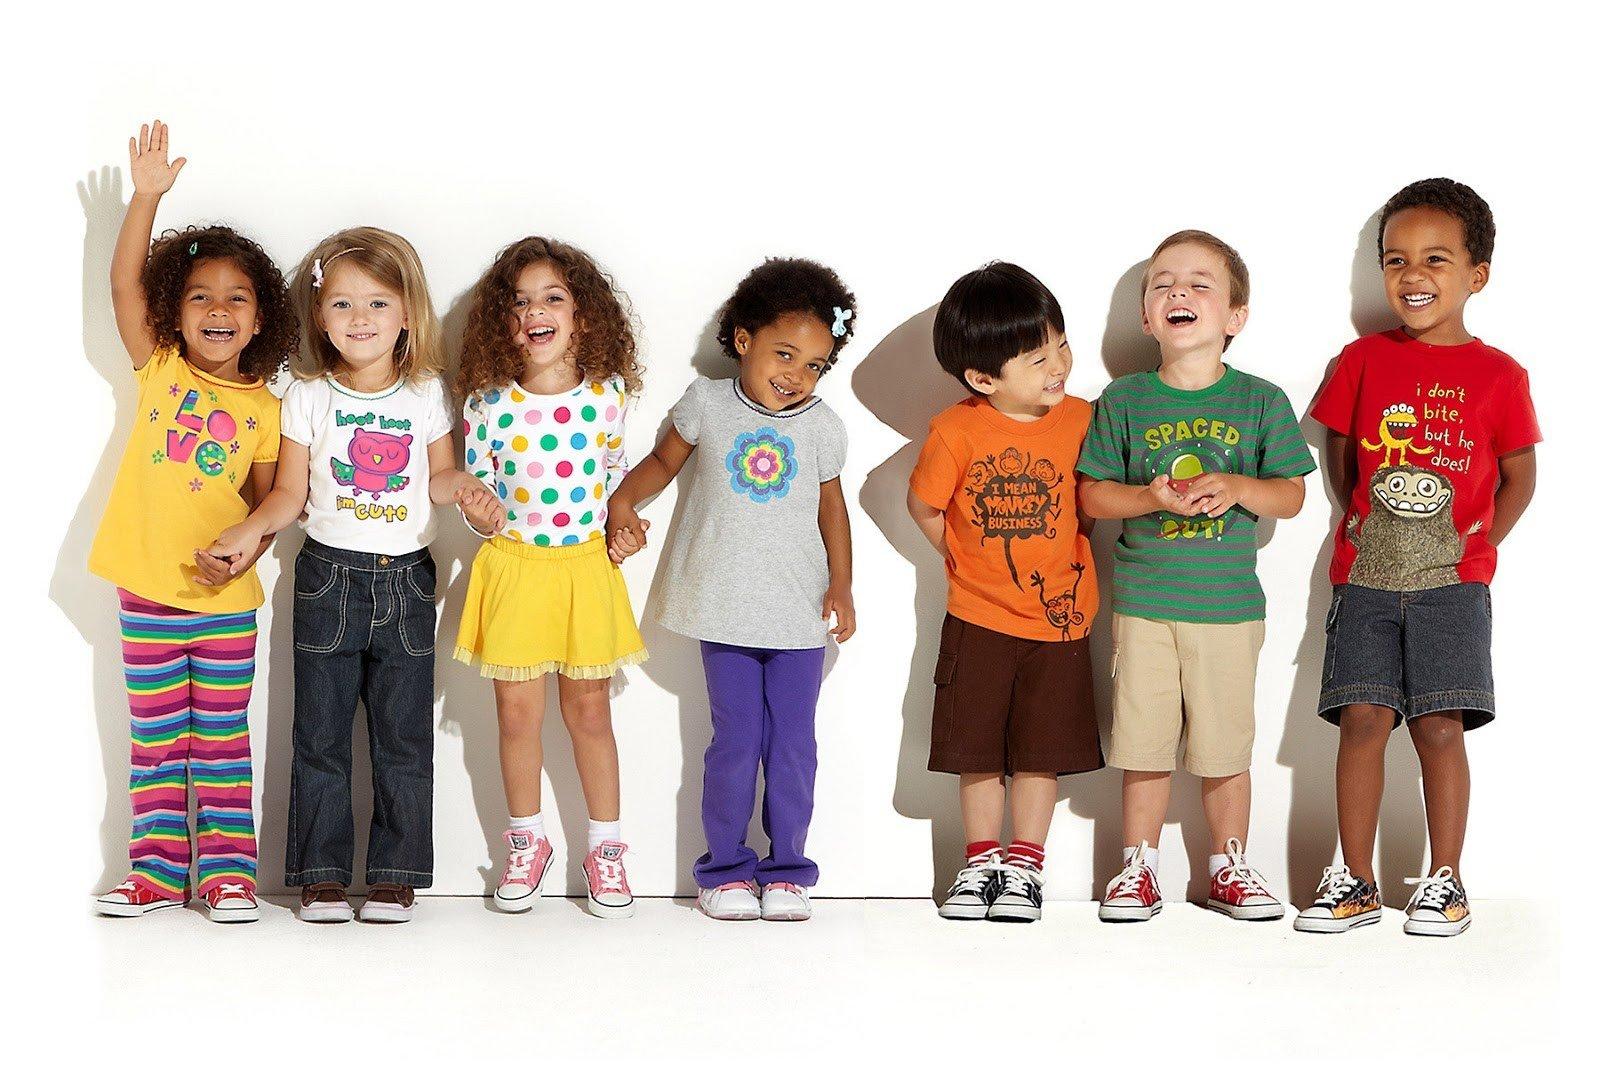 Lo sviluppo del bambino: l'importanza del gioco per quello fisico ed affettivo